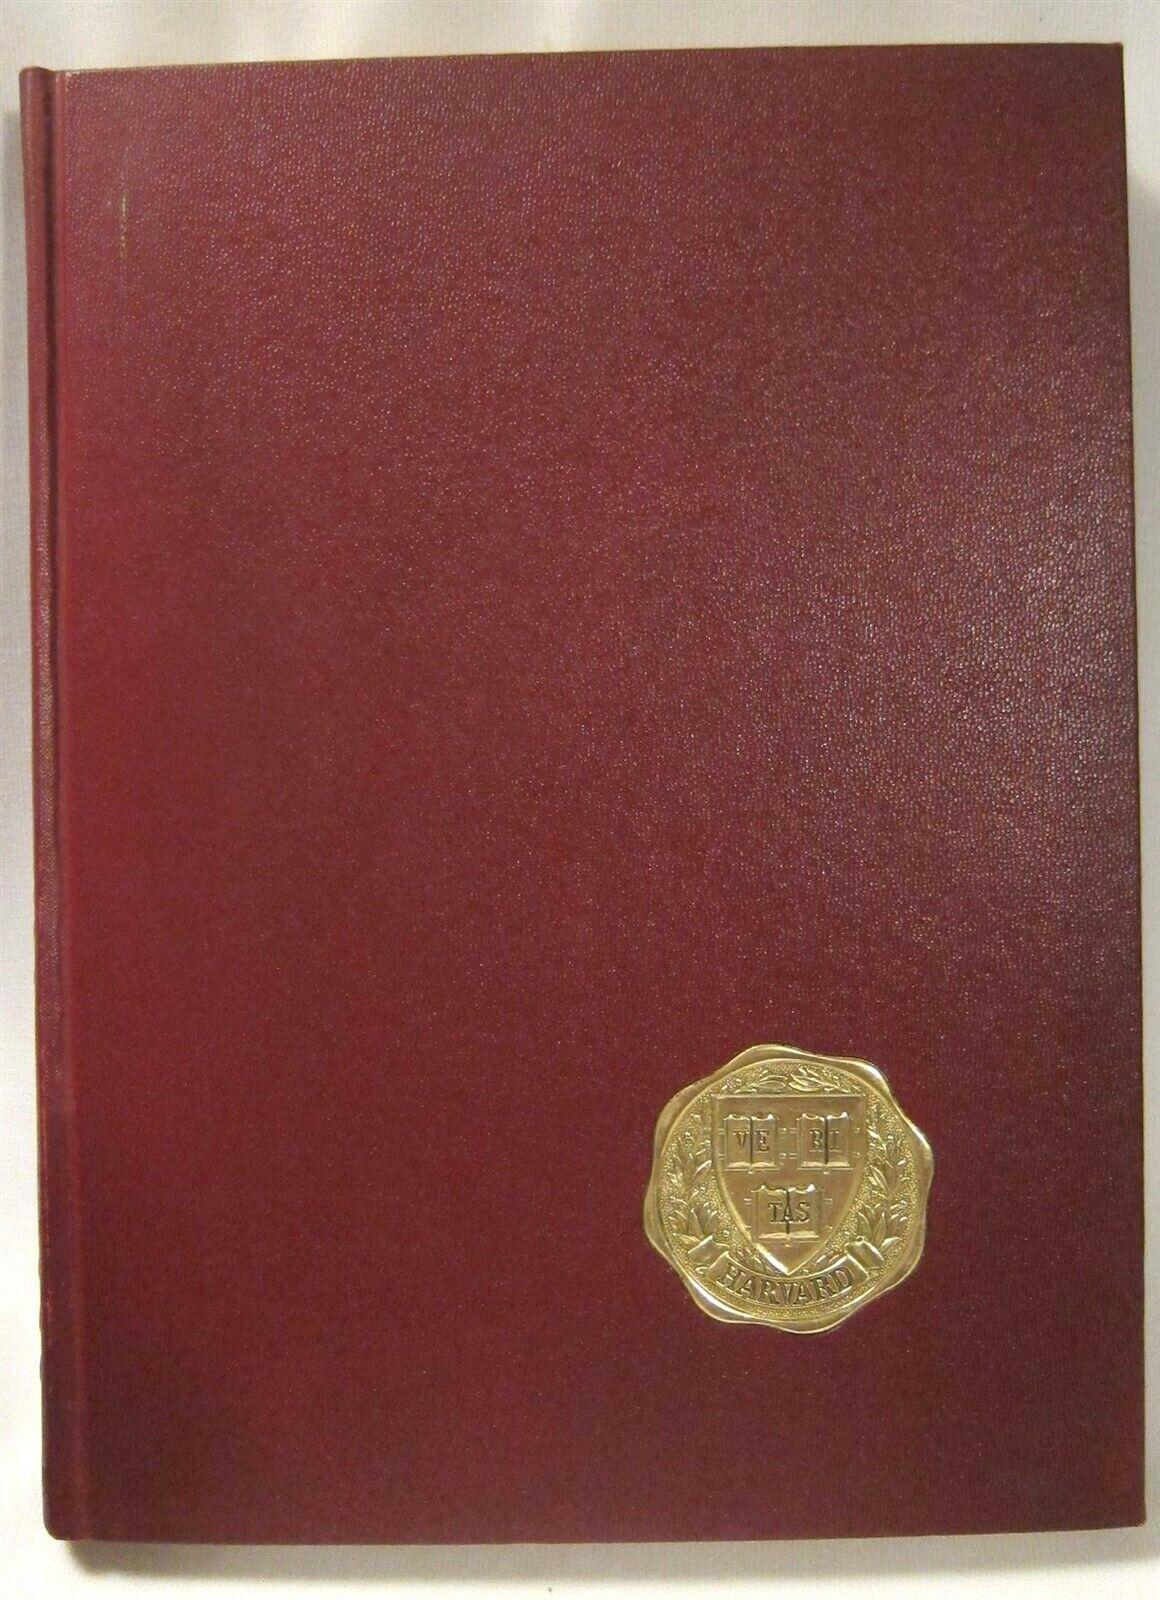 Harvard Law School Yearbook ~ 1966 5